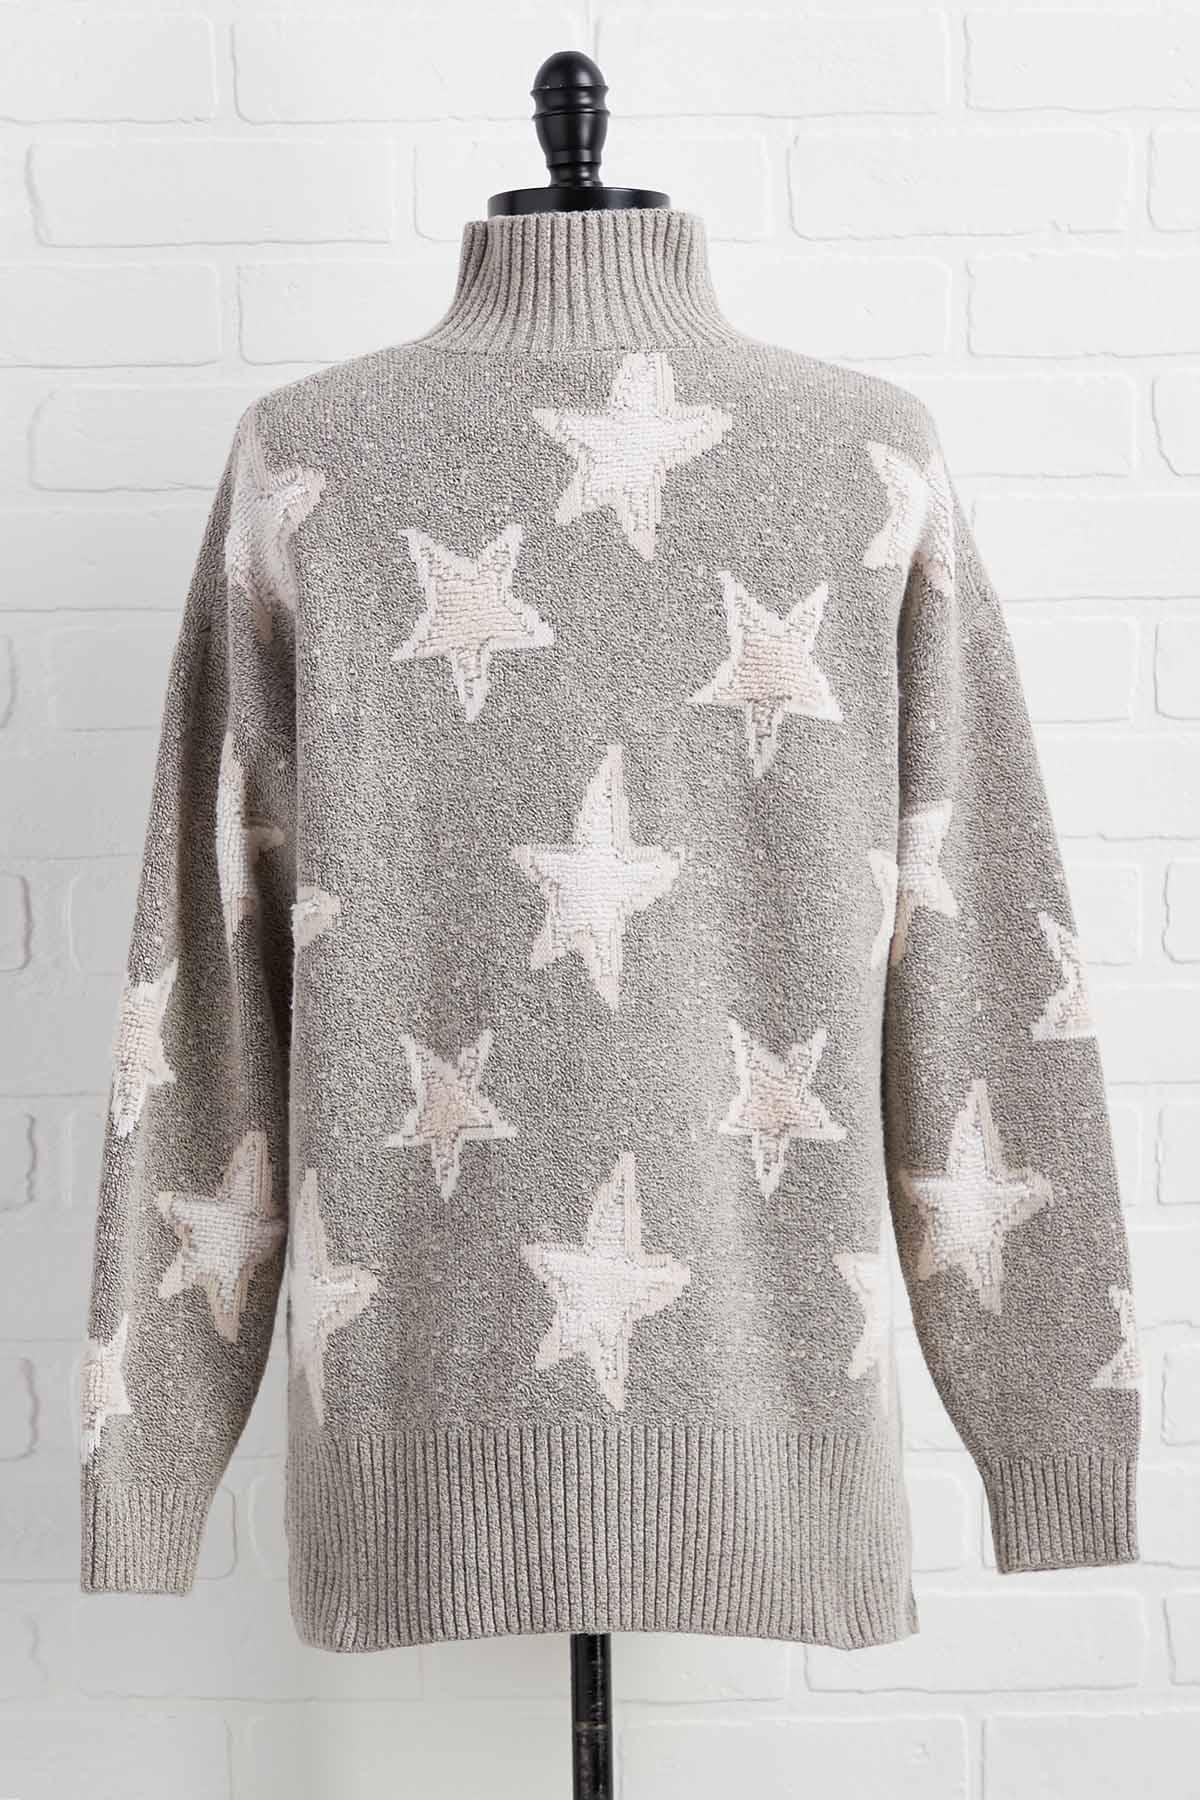 Twinkle Twinkle Little Star Sweater